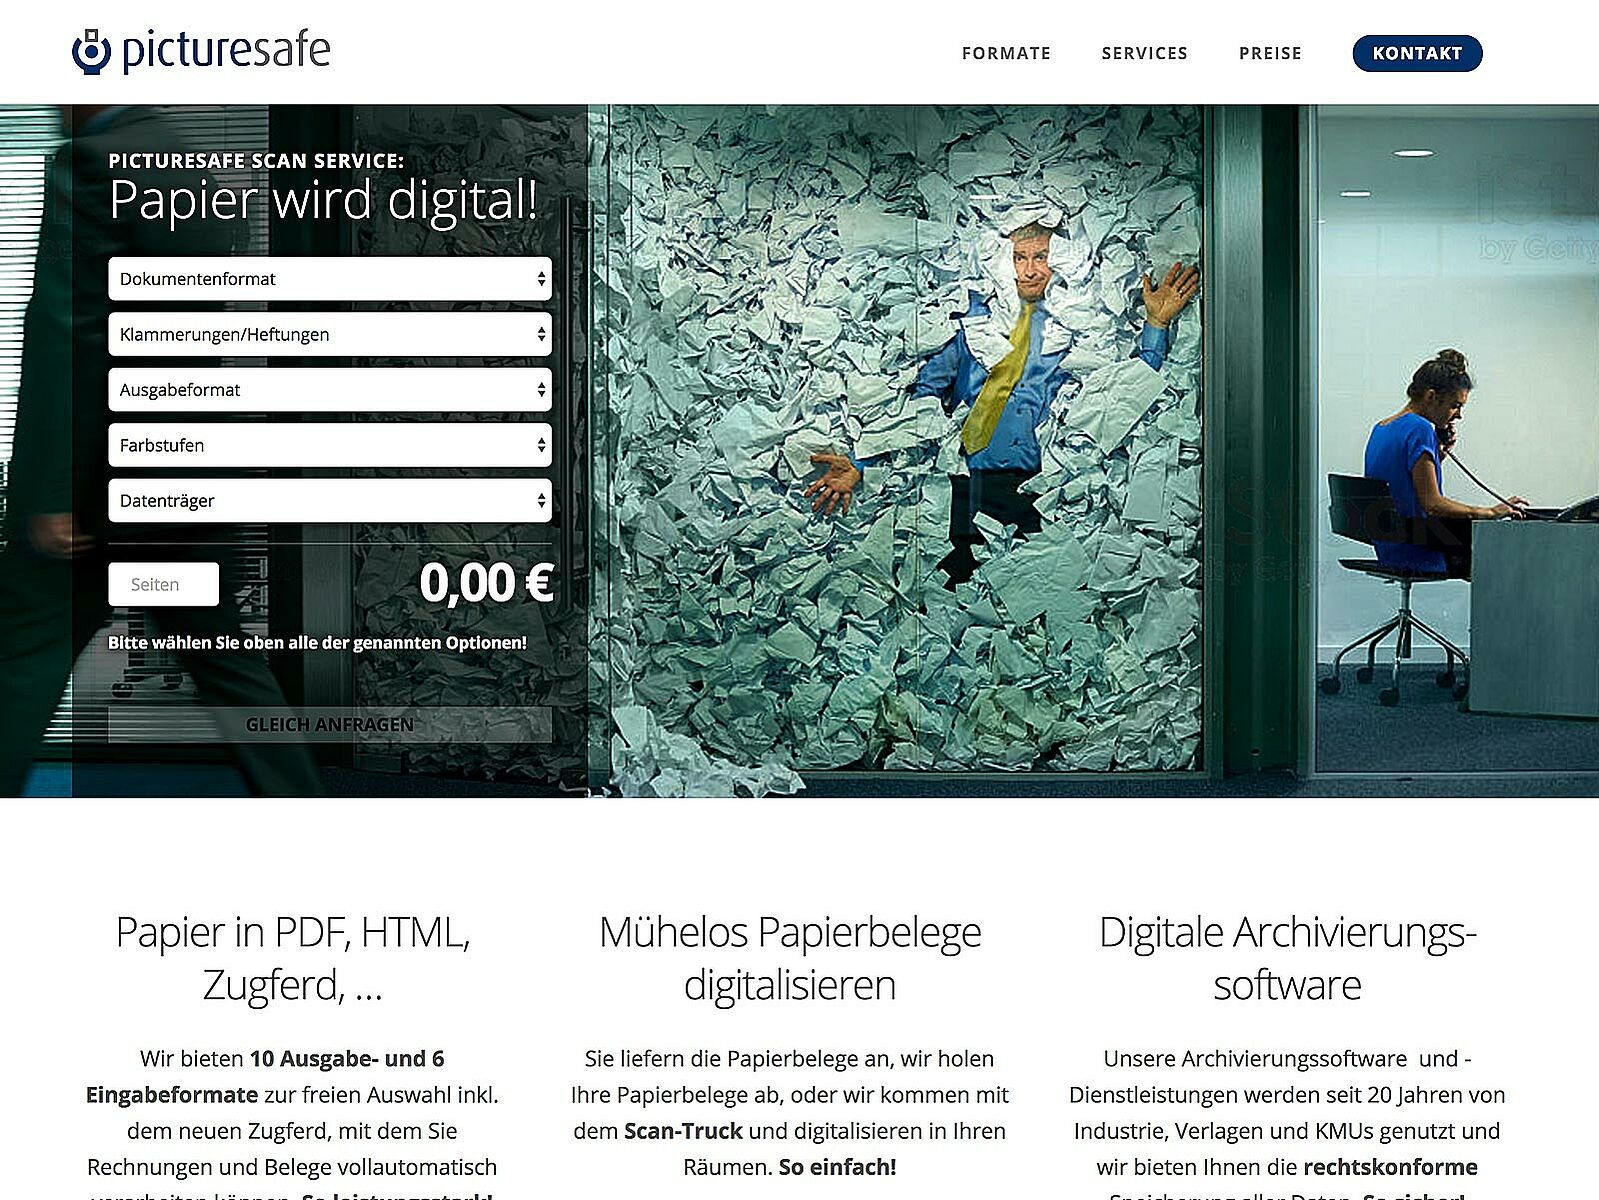 Landingpage und Adwords-Kampagne für high-end-digitalisierung.de der picturesafe